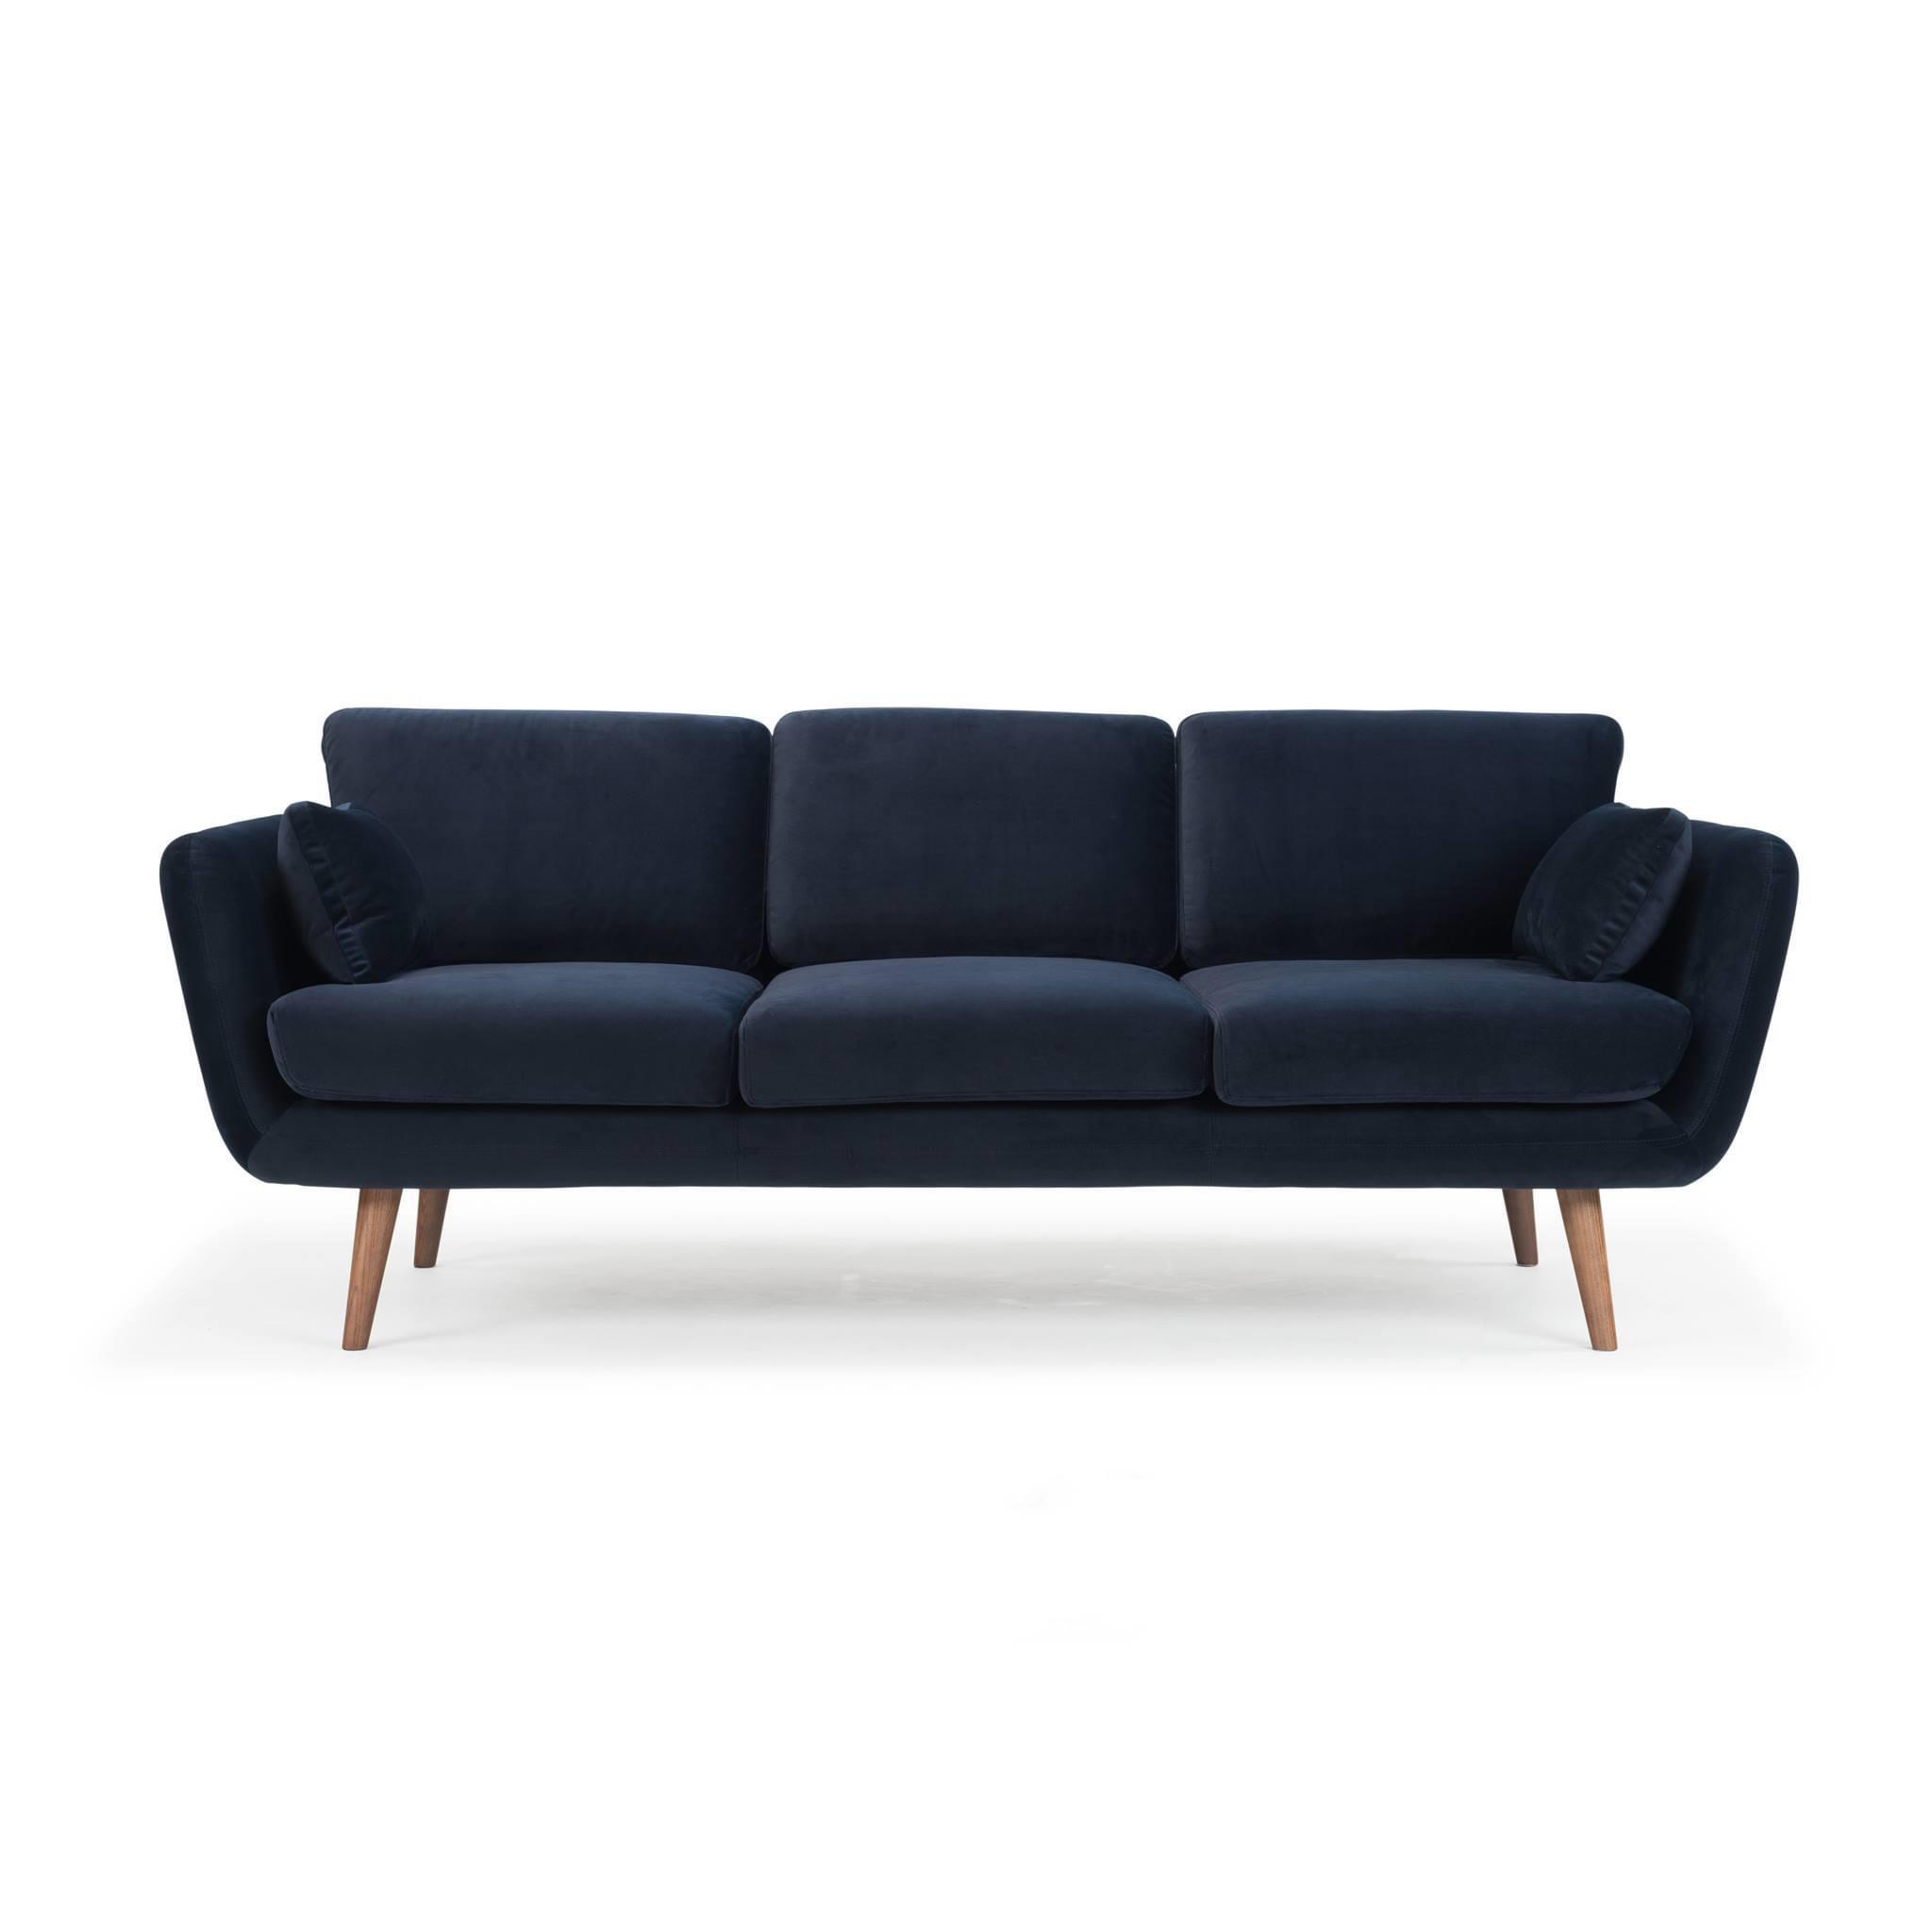 Sofa gia đình màu xanh navy sang trọng tinh tế đẹp